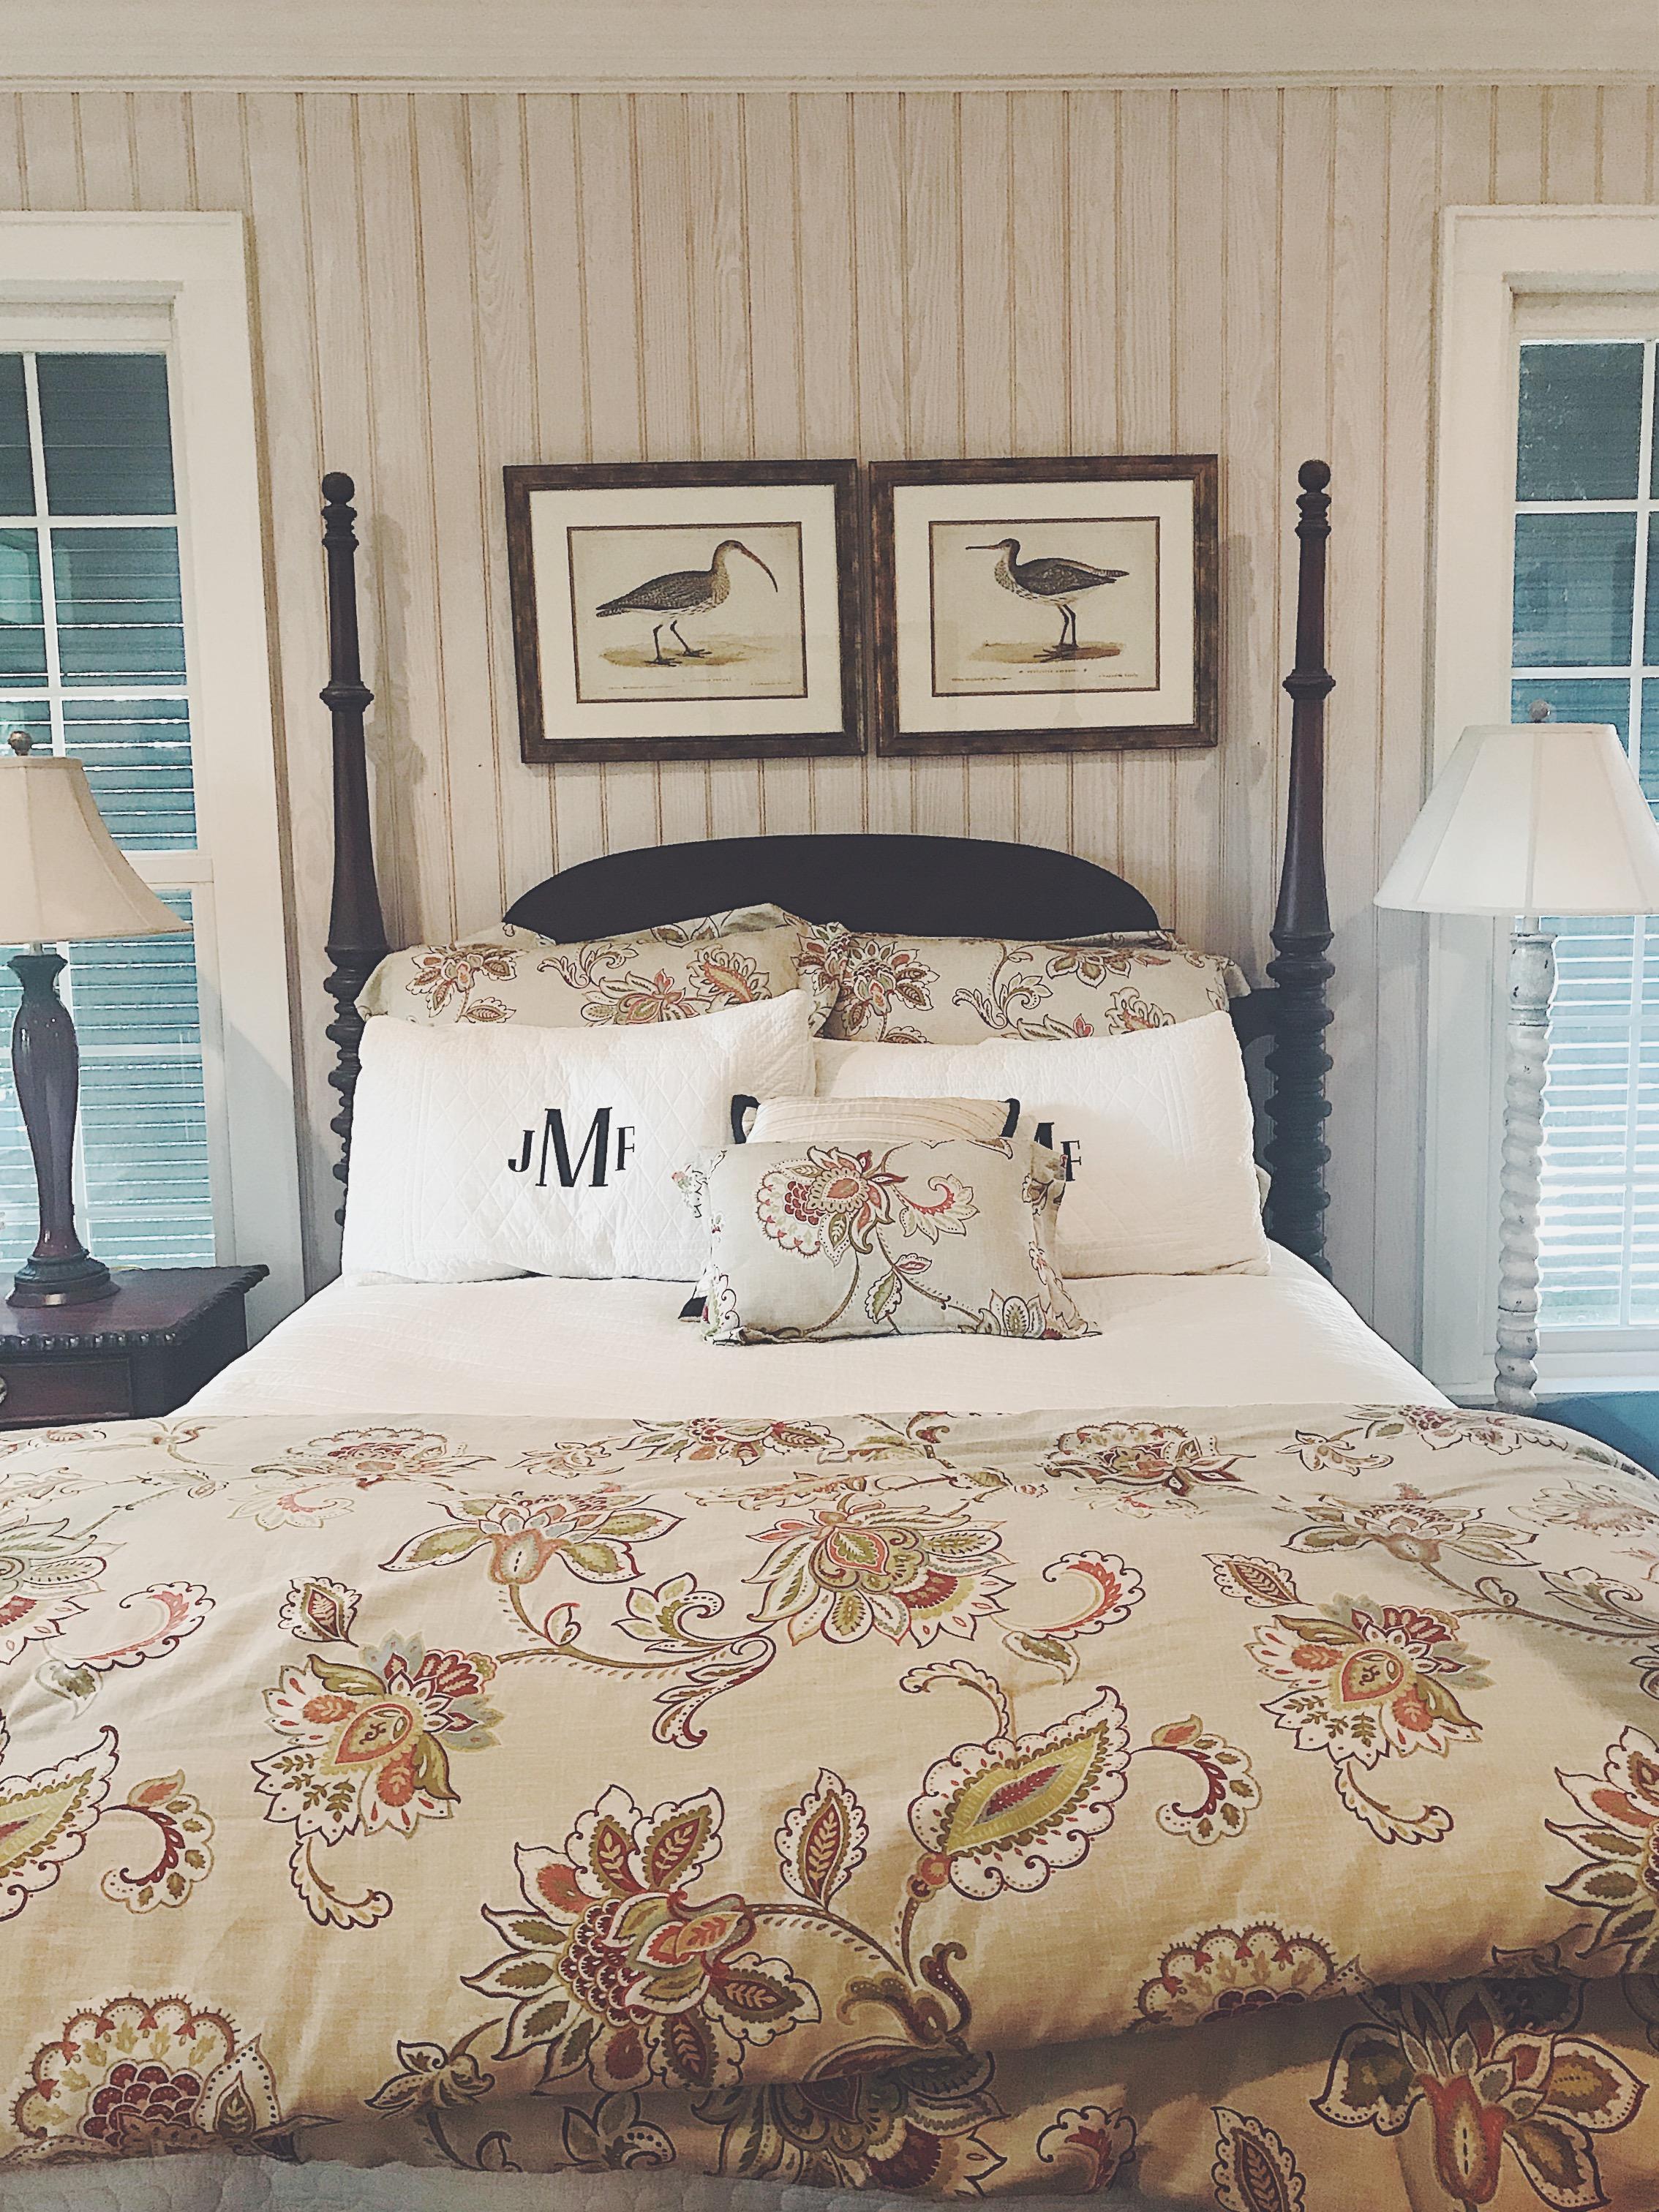 Shiplap walls in master bedroom